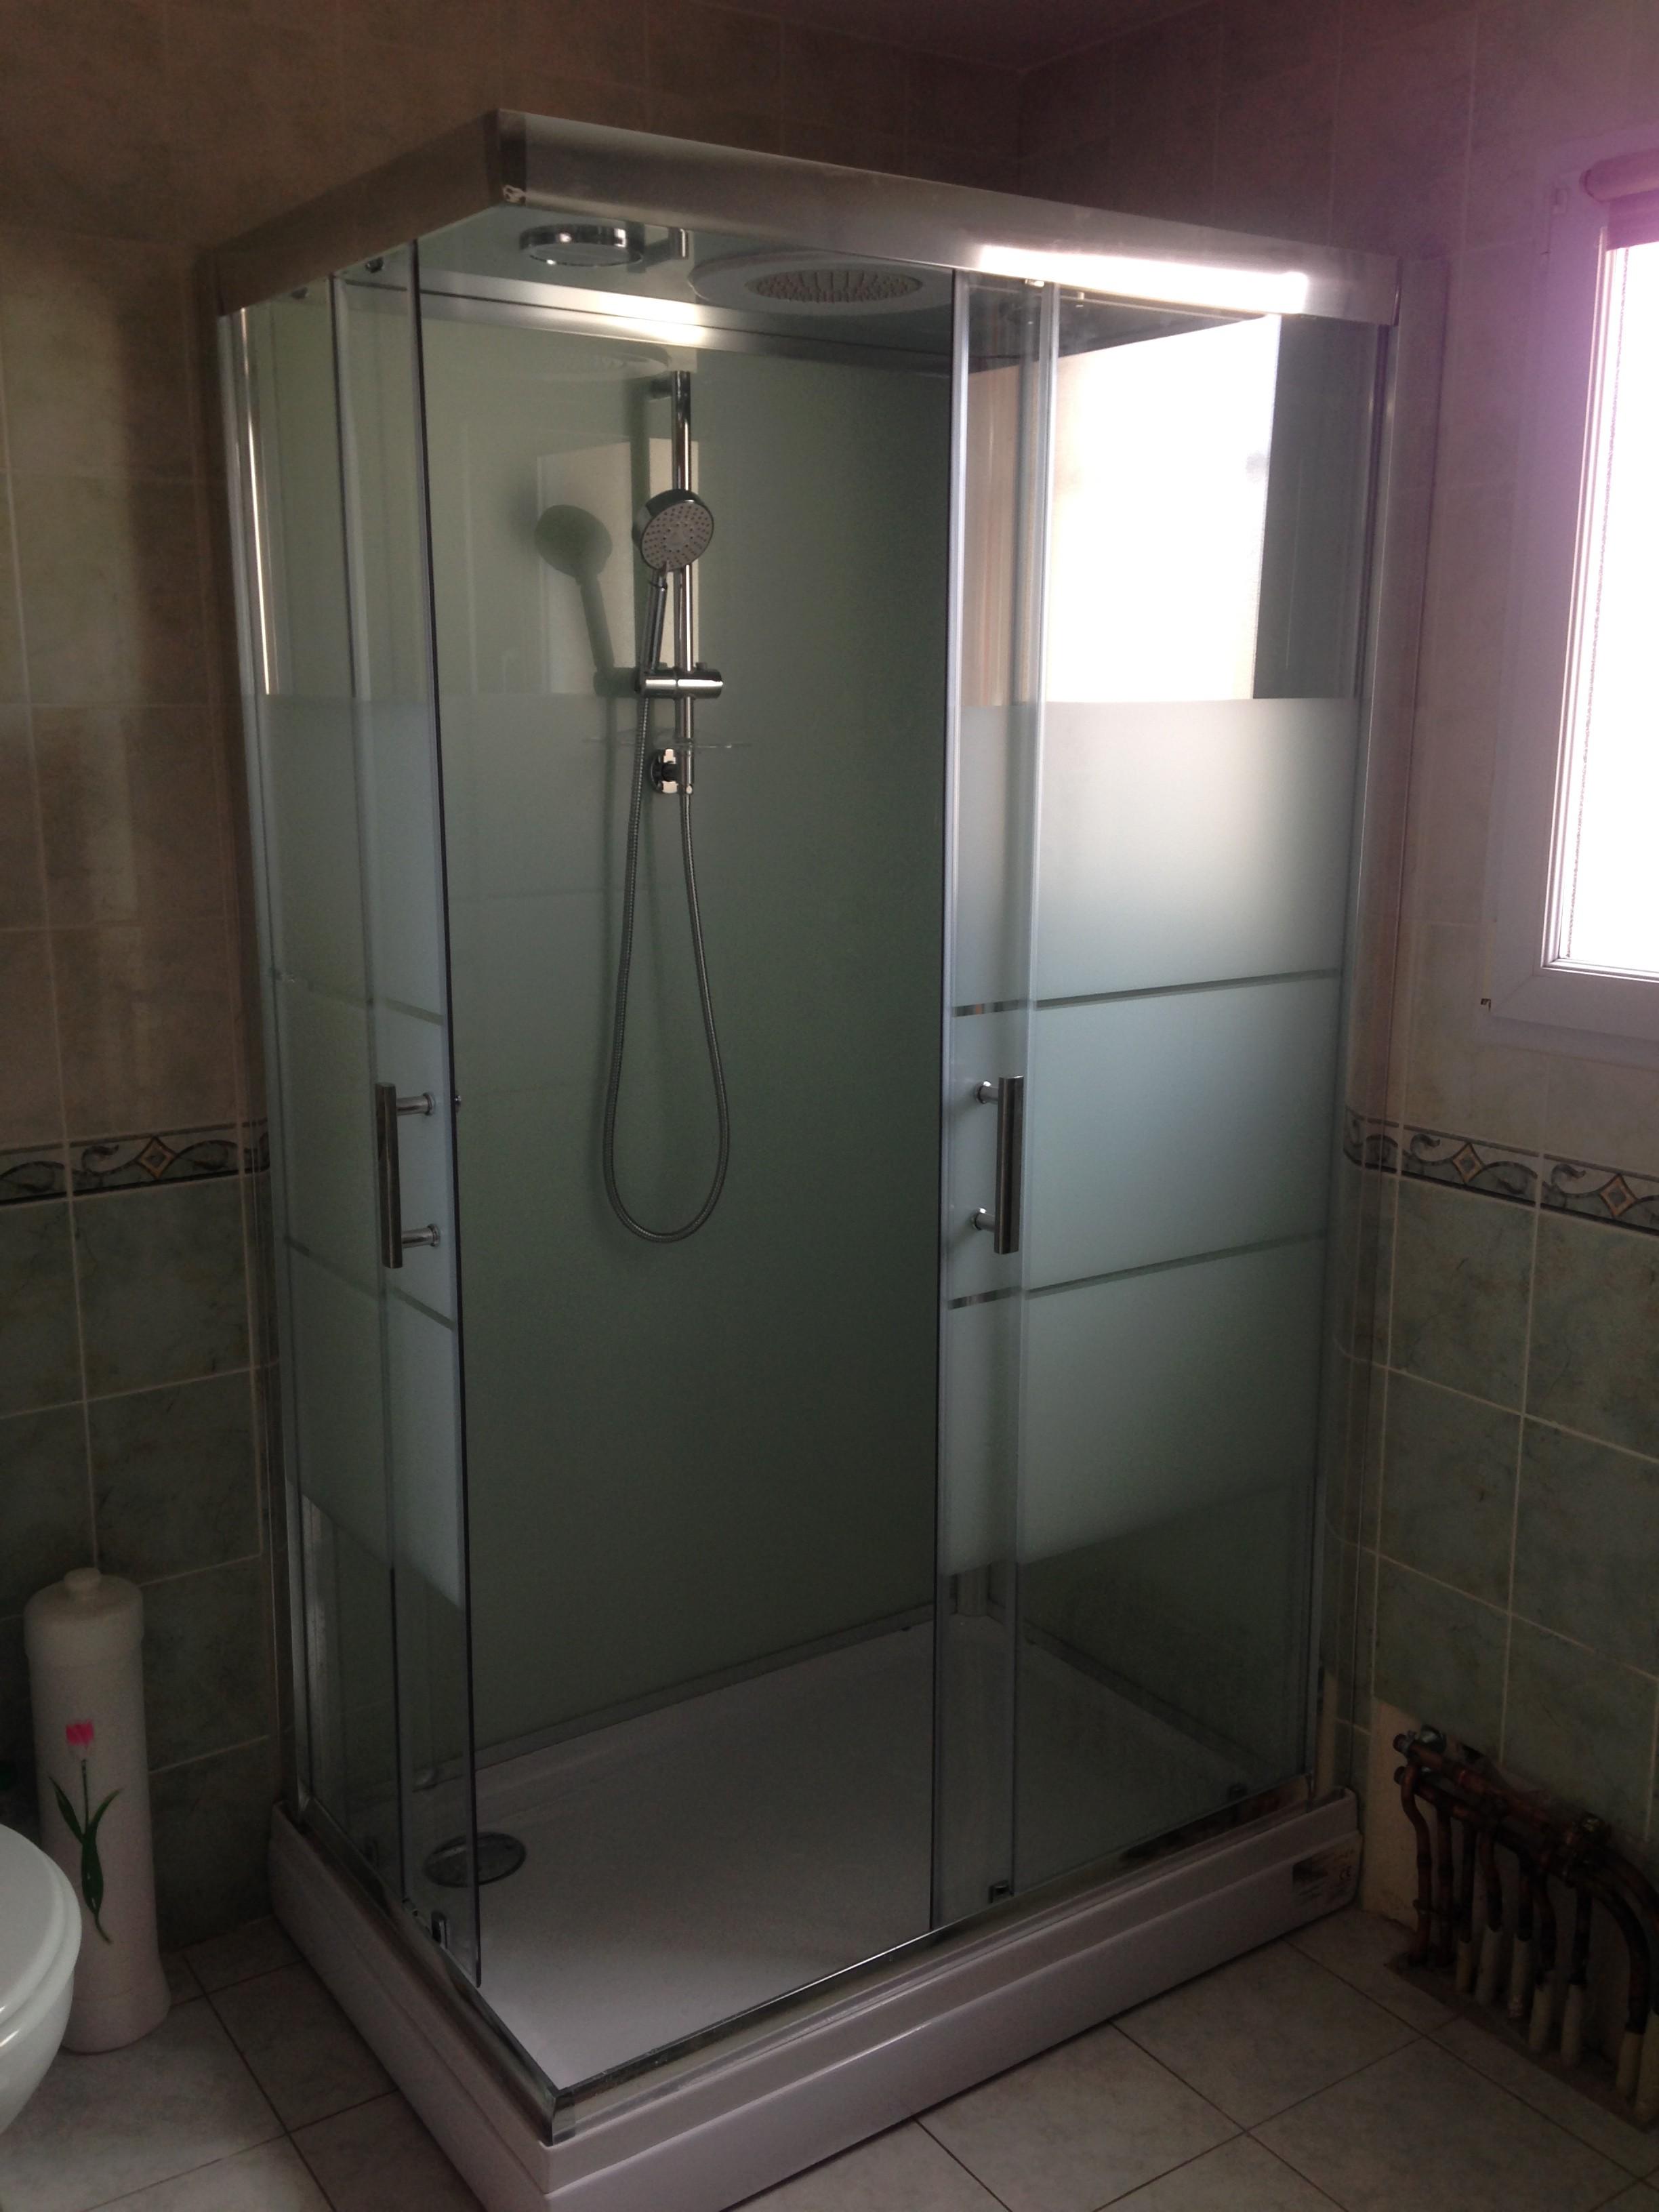 Pose d'une cabine de douche